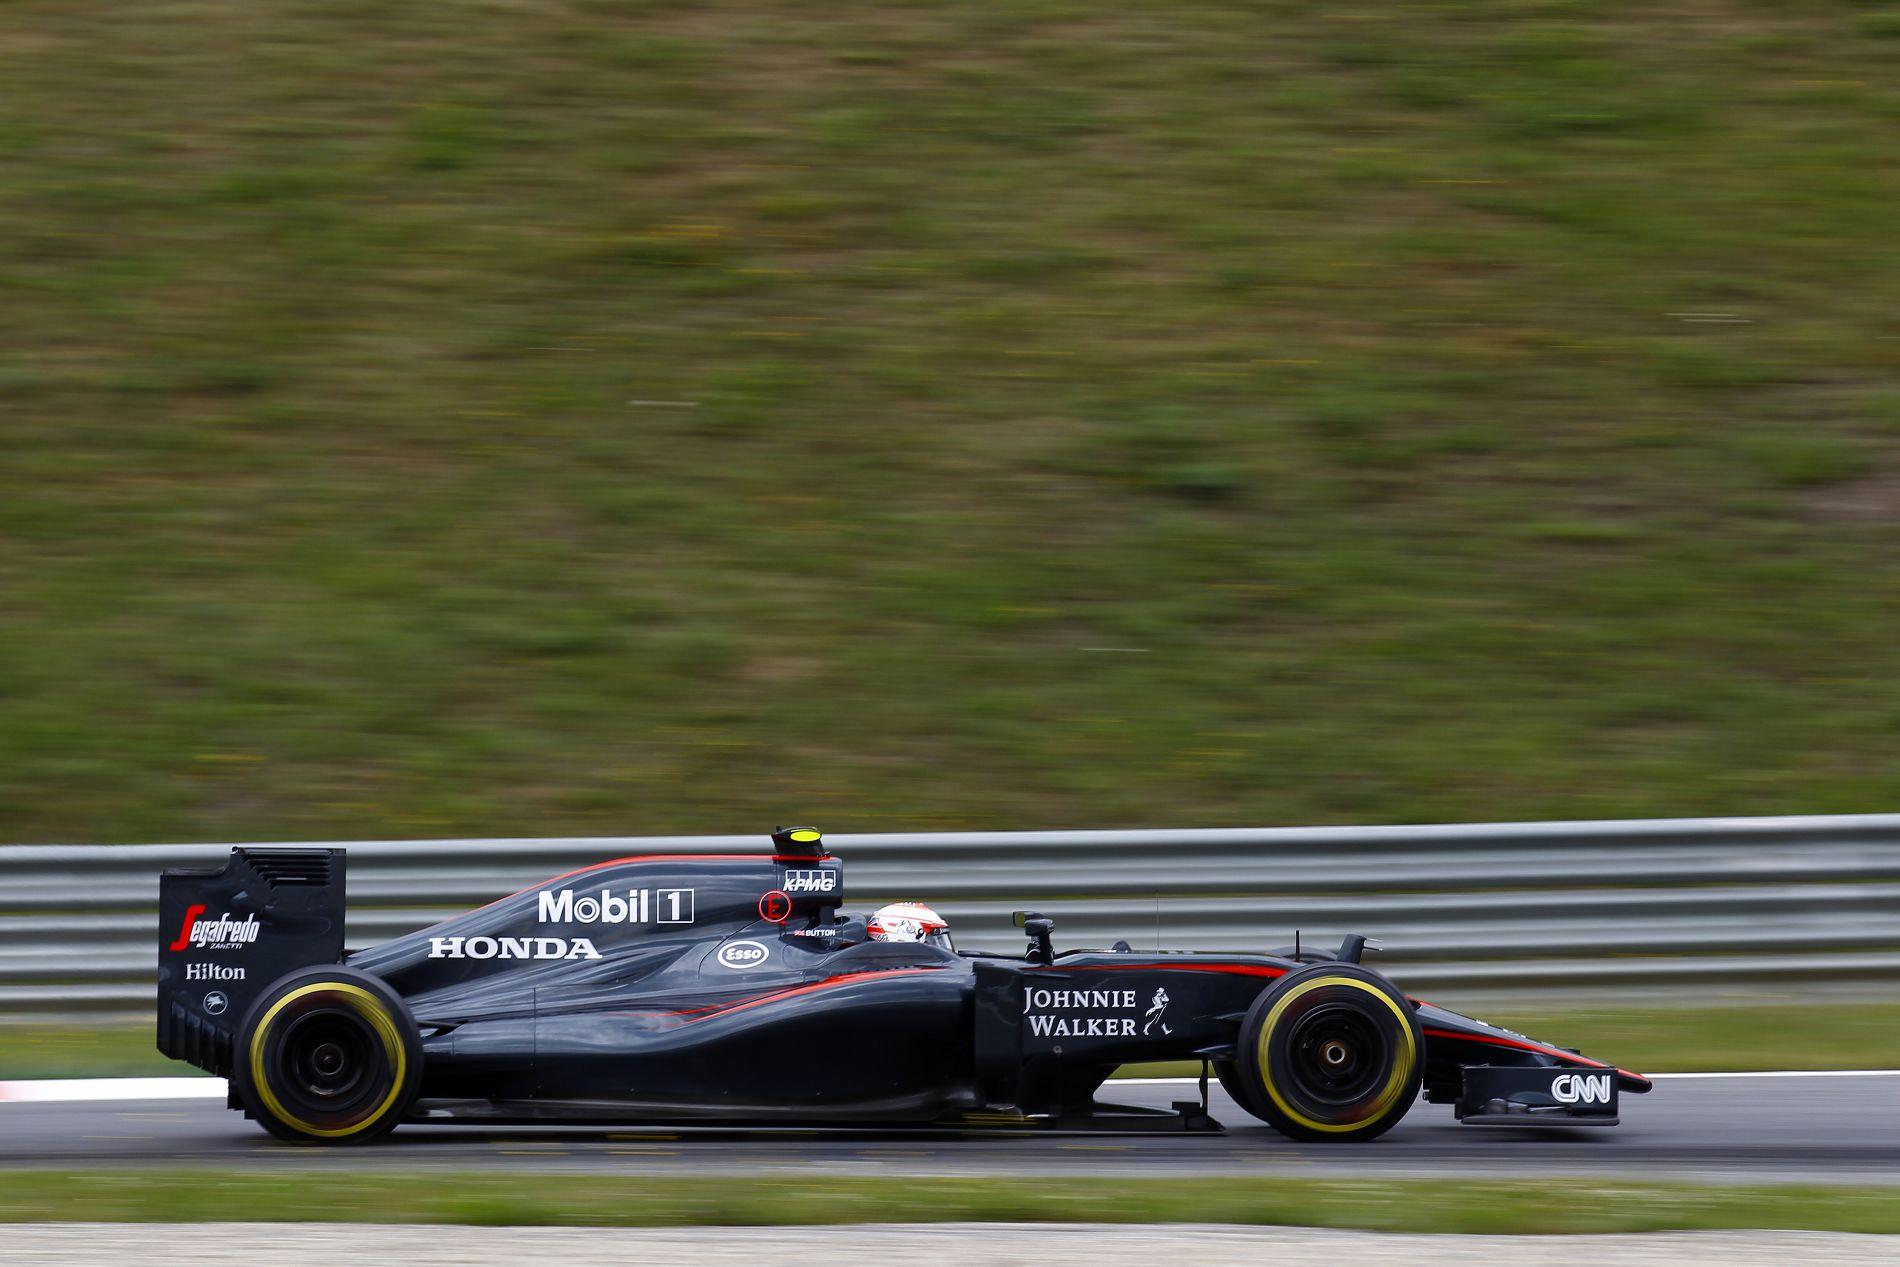 Biztonsági autó kell a McLarennek, hogy versenyben lehessenek vasárnap